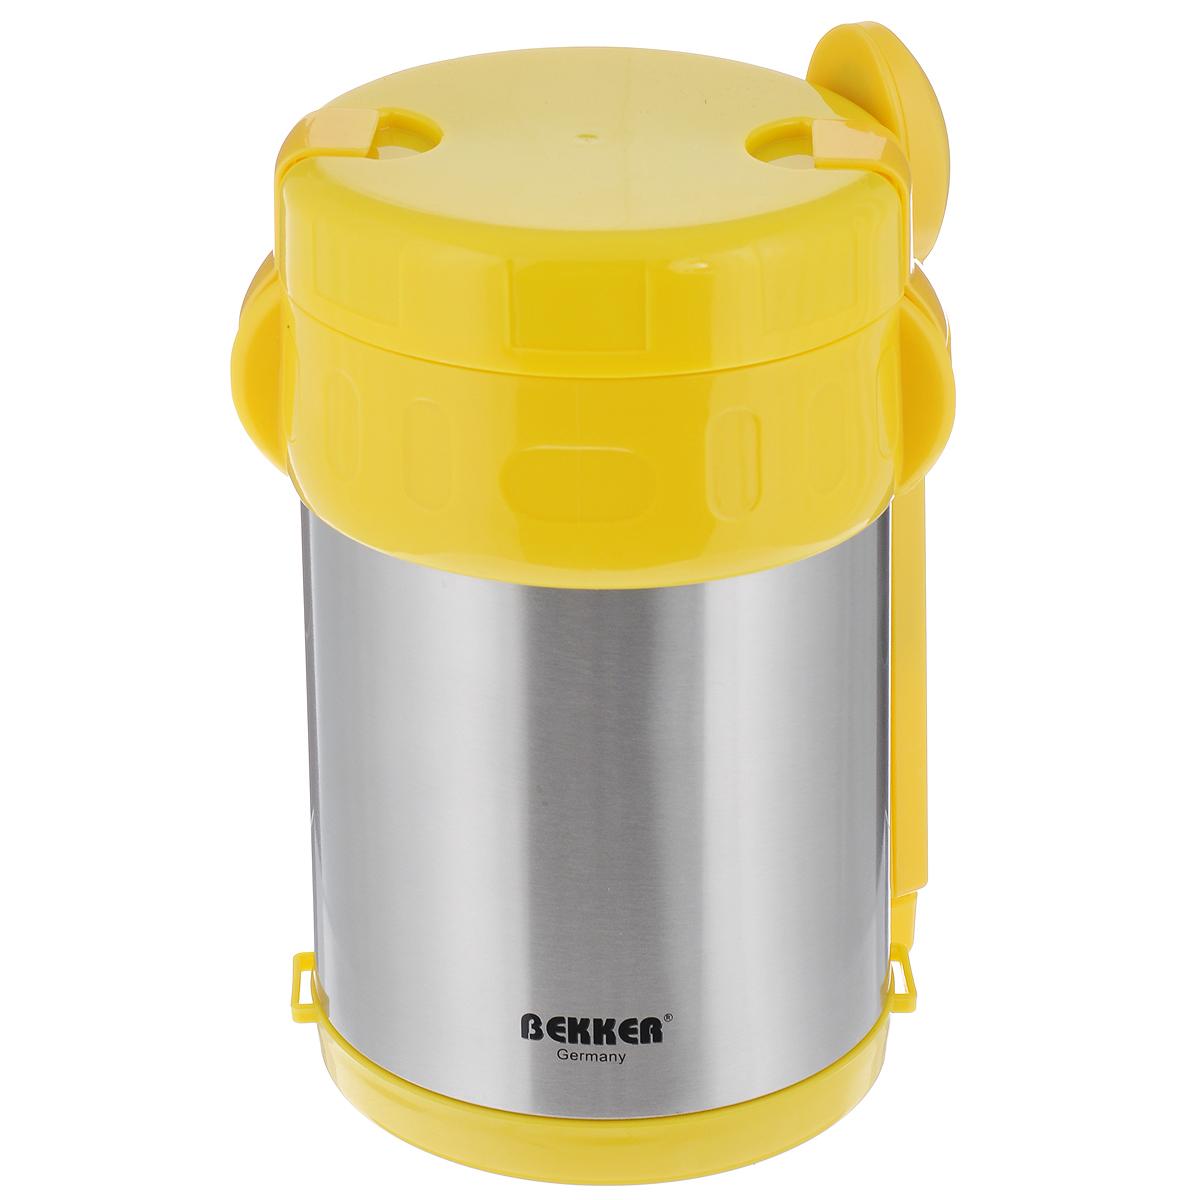 Термос Bekker Koch, с контейнерами, цвет: желтый, стальной, 2 л. BK-42VT-1520(SR)Пищевой термос с широким горлом Bekker Koch, изготовленный из высококачественной нержавеющей стали 18/8, является простым в использовании, экономичным и многофункциональным. Изделие с двойными стенками оснащено тремя контейнерами, ложкой и вилкой в оригинальном чехле и специальным ремнем для удобной переноски термоса. Термос с широким горлом предназначен для хранения горячей и холодной пищи, замороженных продуктов, мороженного, фруктов и льда и укомплектован вакуумной крышкой без кнопки. Такая крышка надежна, проста в использовании и позволяет дольше сохранять тепло благодаря дополнительной теплоизоляции.Легкий и прочный термос Bekker Koch сохранит ваши напитки и продукты горячими или холодными надолго.Высота (с учетом крышки): 22 см.Диаметр горлышка: 13 см.Диаметр контейнеров: 11,5 см.Высота контейнеров: 9 см; 5 см; 3,5 см. Объем контейнеров: 700 мл; 400 мл; 250 мл.Длина вилки/ложки: 15 см.